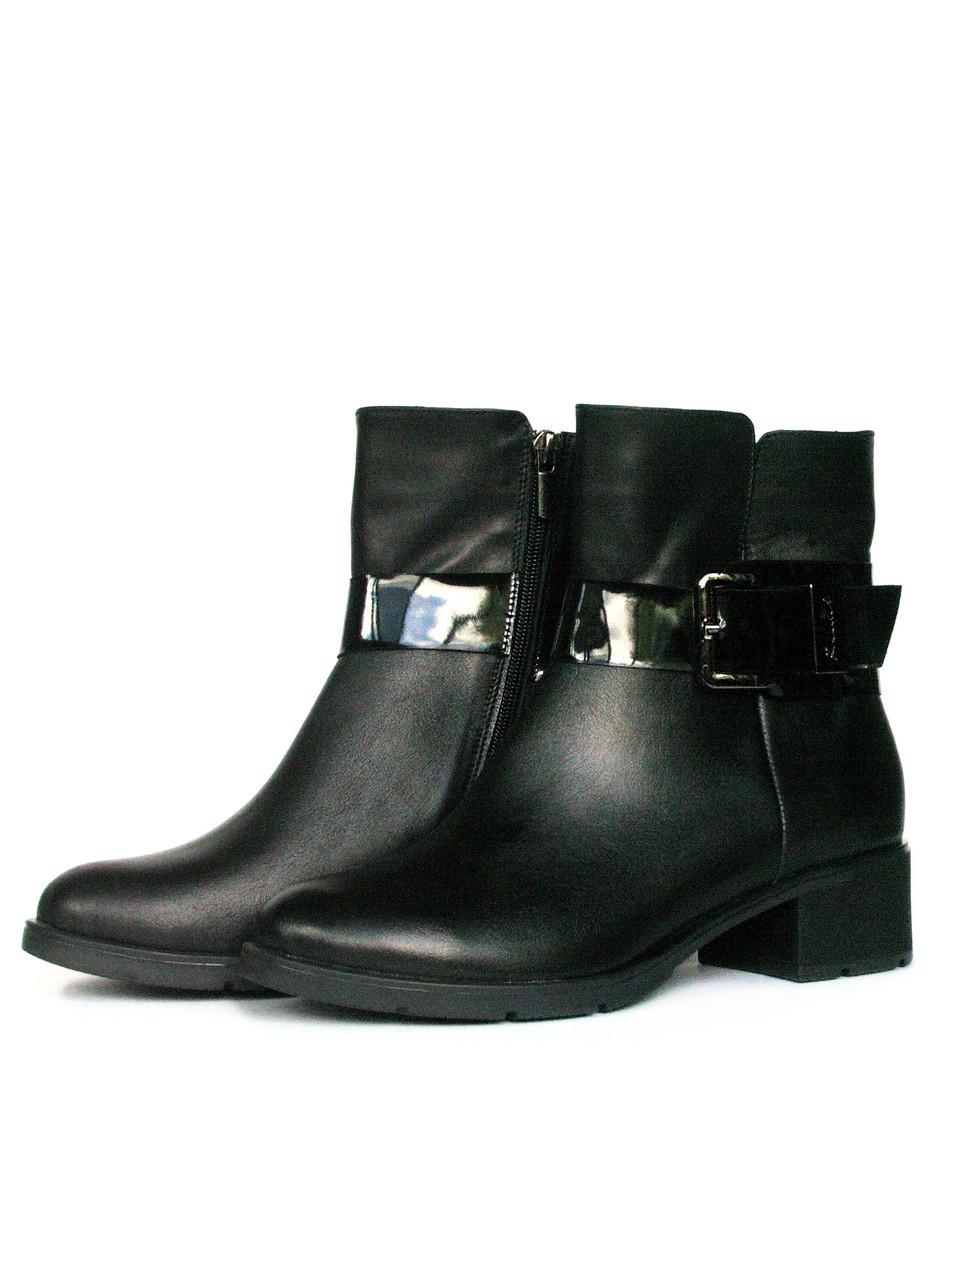 Зимние кожаные ботинки на устойчивом каблуке